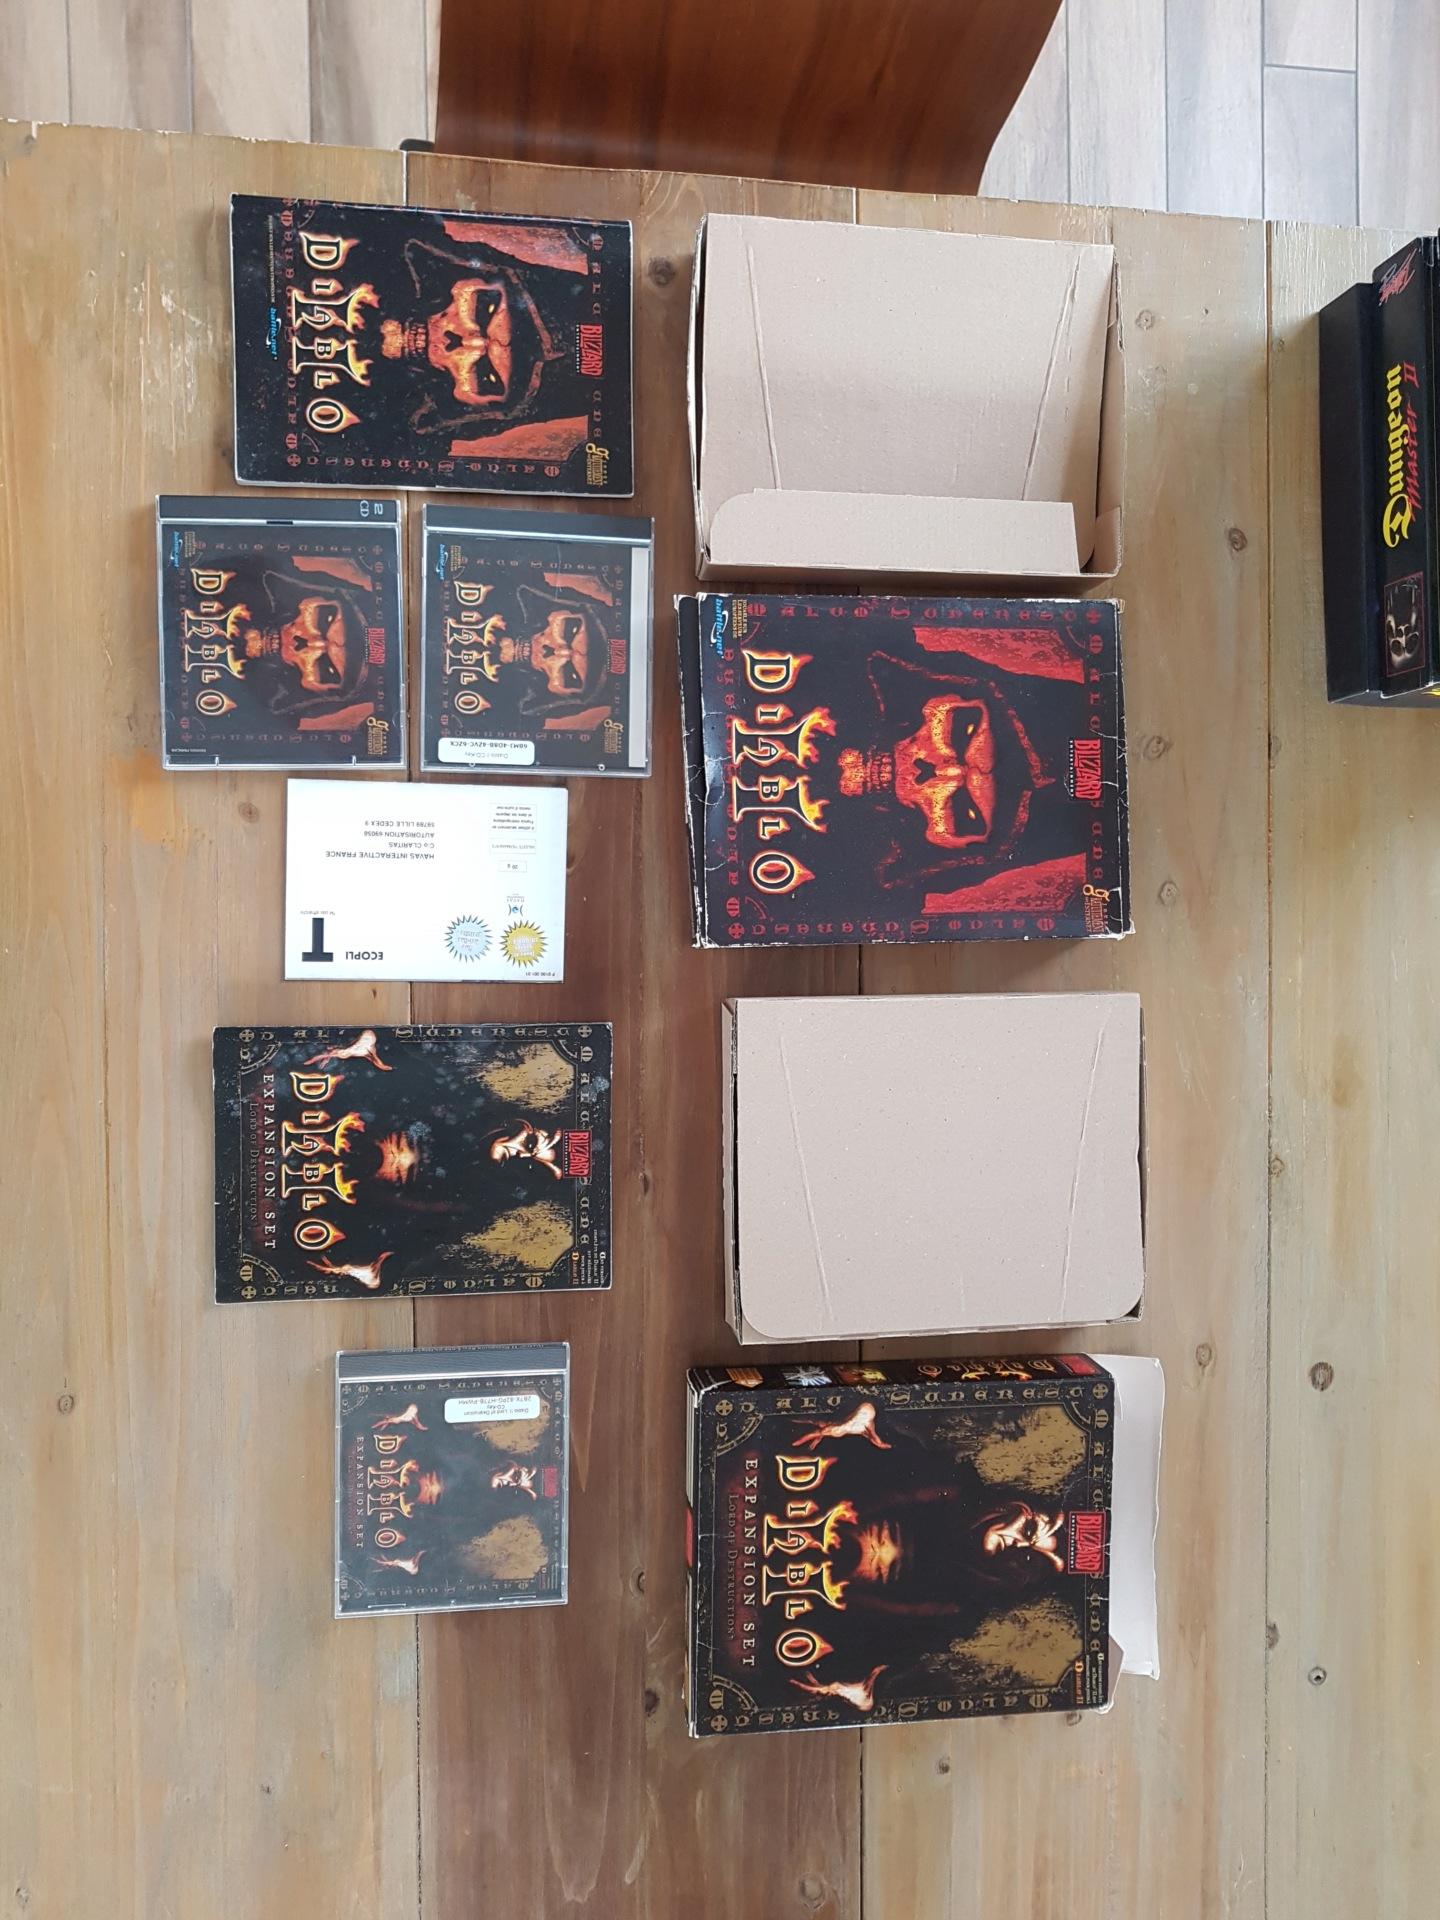 [vds] Jeux PC big box Might & Magic / Arcanum / Oddworld / Zork Nemesis / King's quest / Diablo II + extension etc...... 20200110